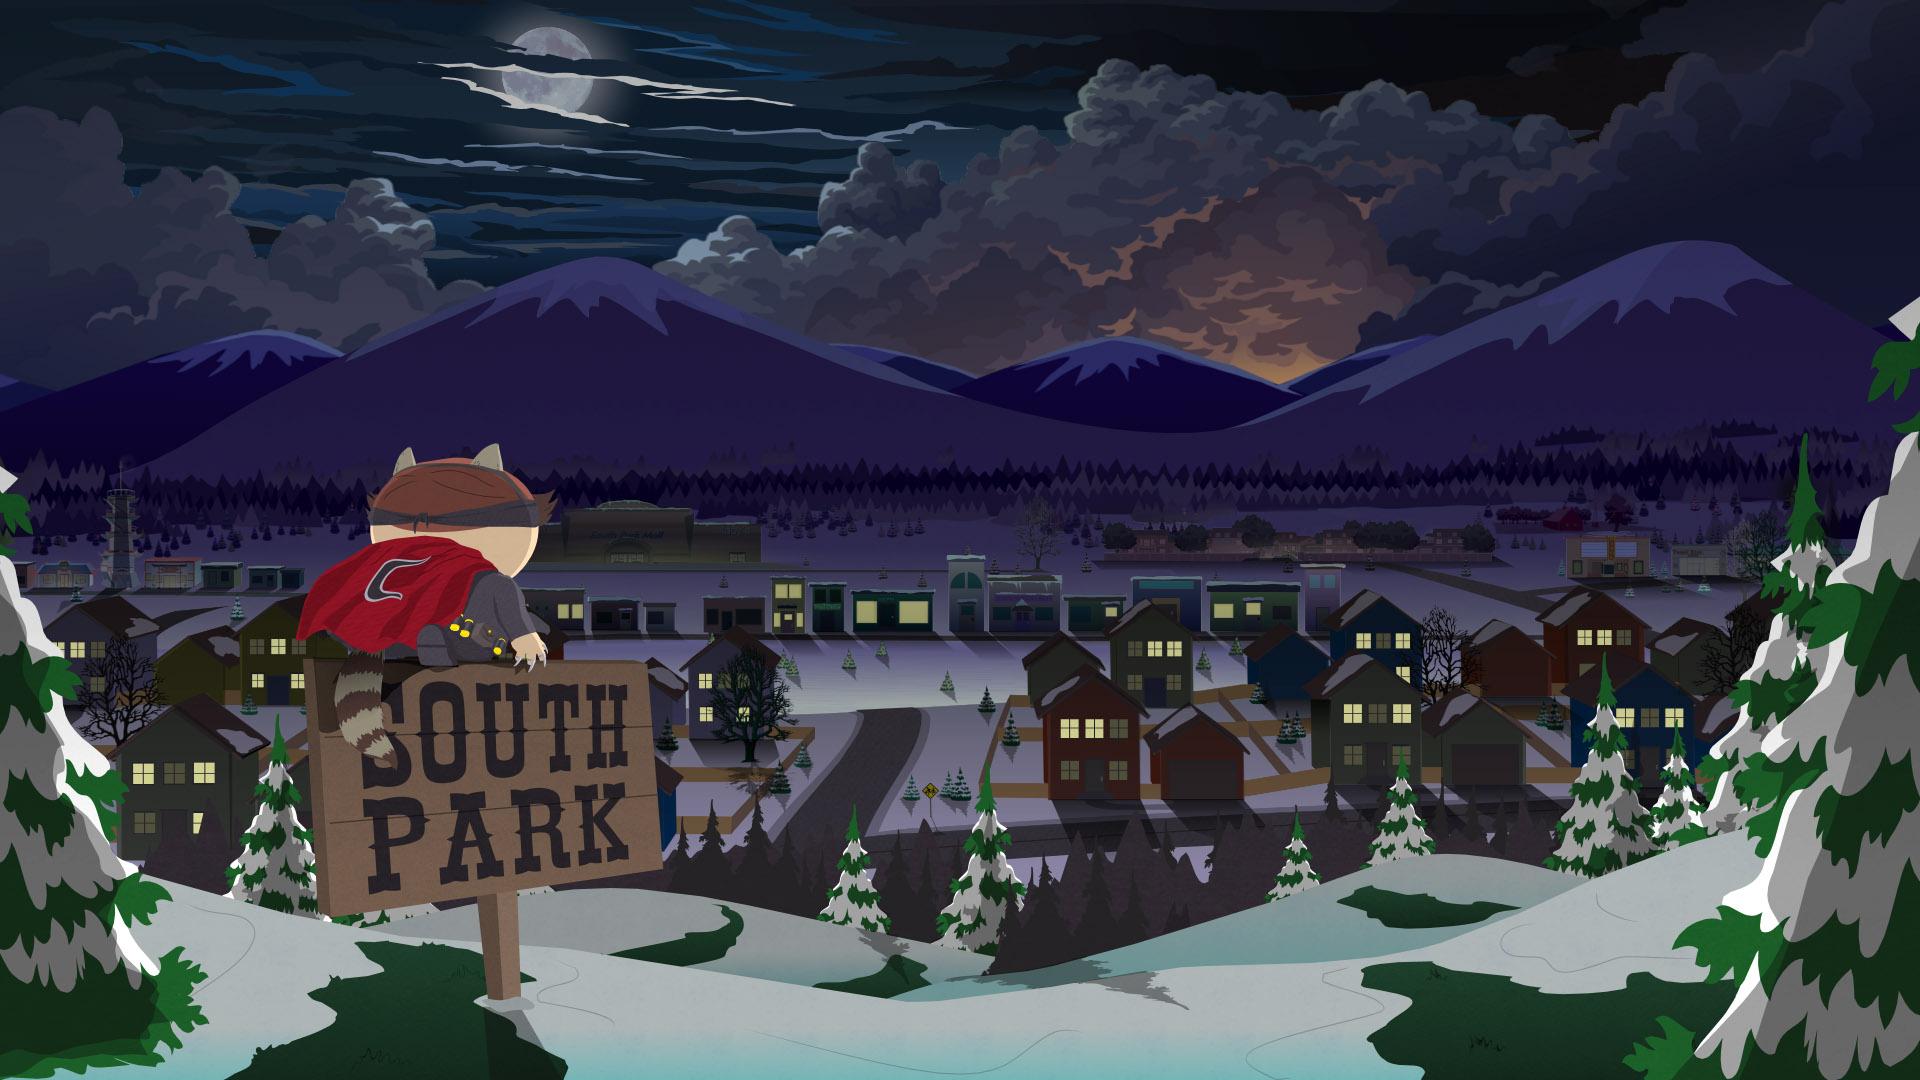 南方公园:完整破碎 完美通关存档